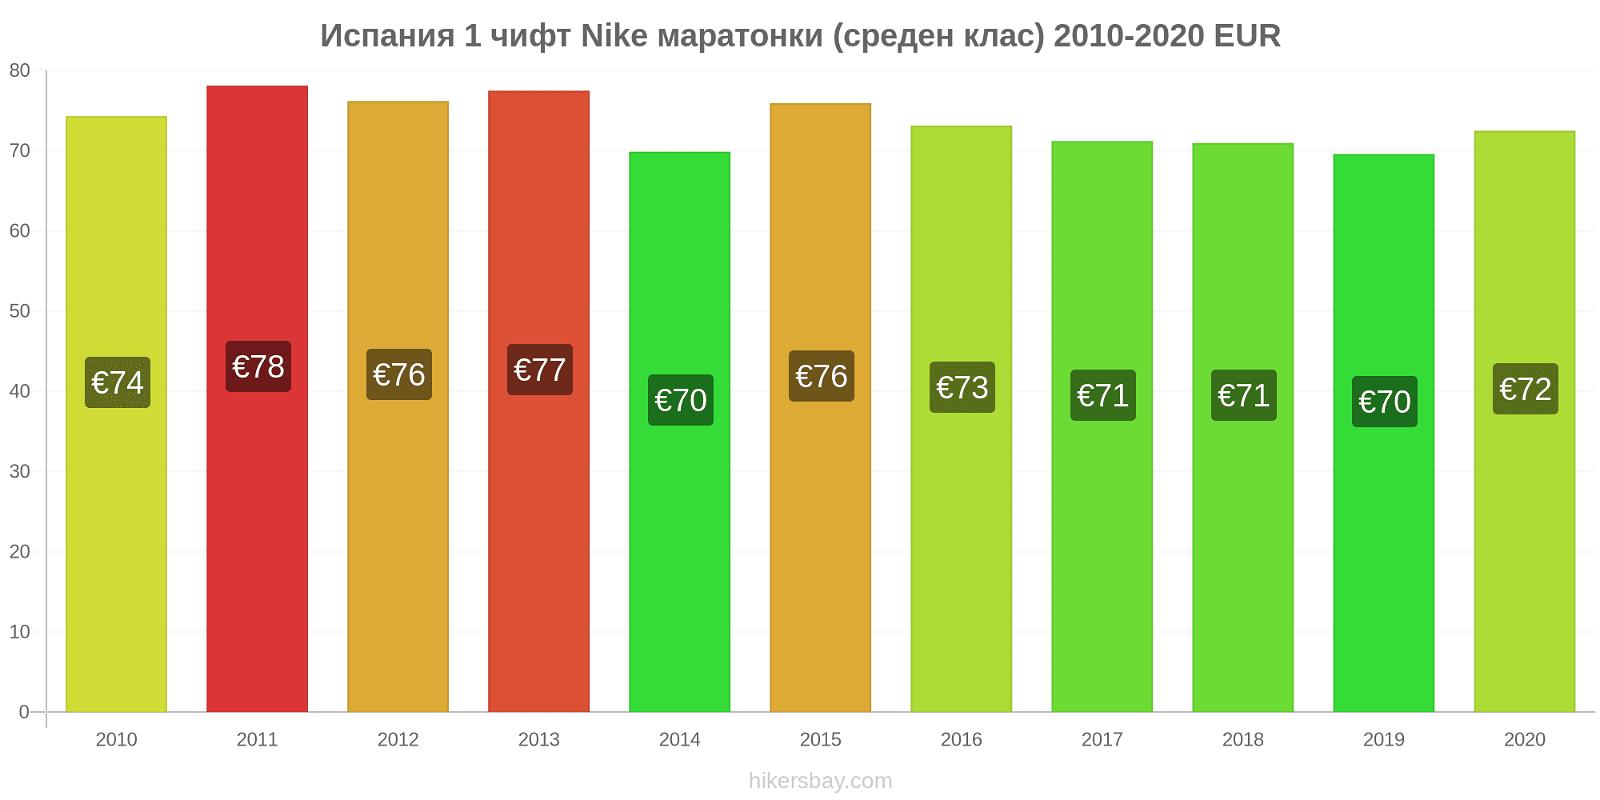 Испания ценови промени 1 чифт Nike маратонки (среден клас) hikersbay.com